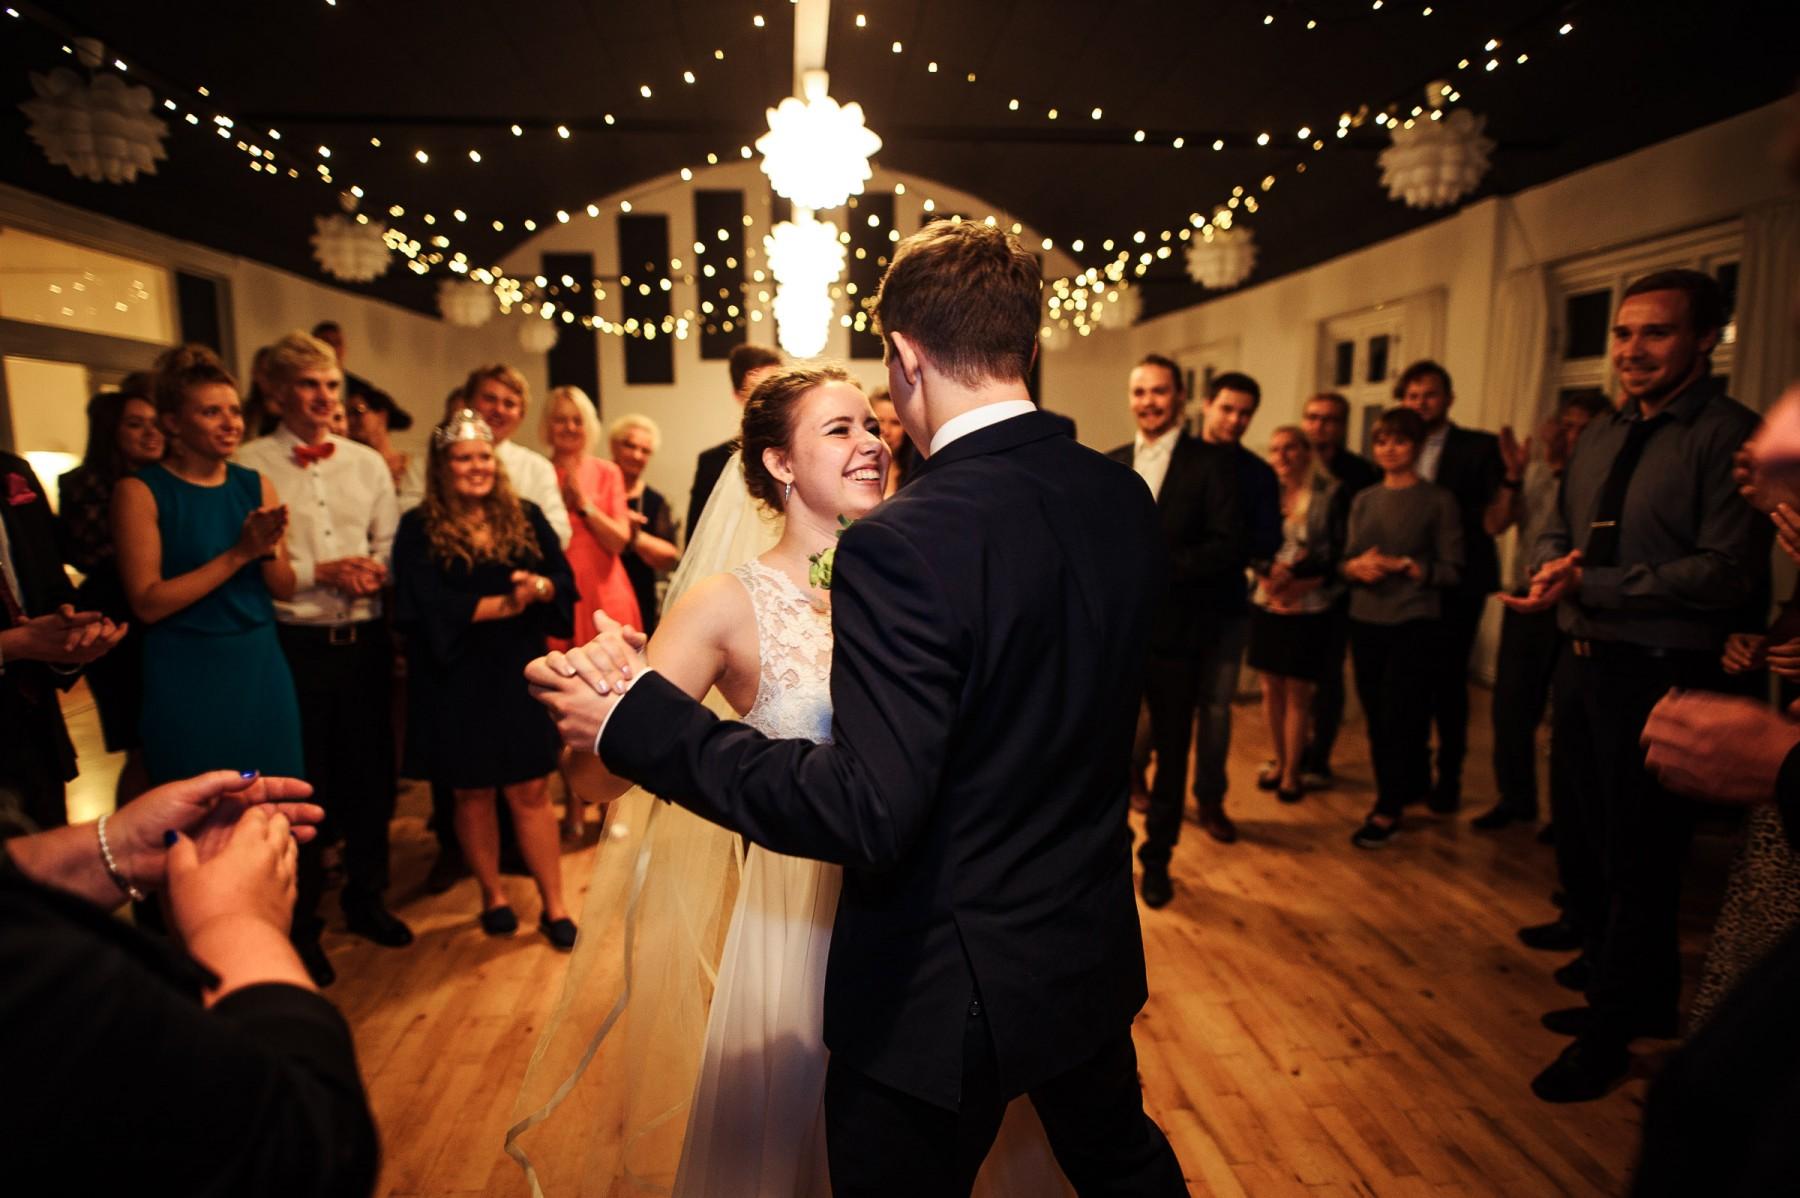 bryllups-fotograf-034